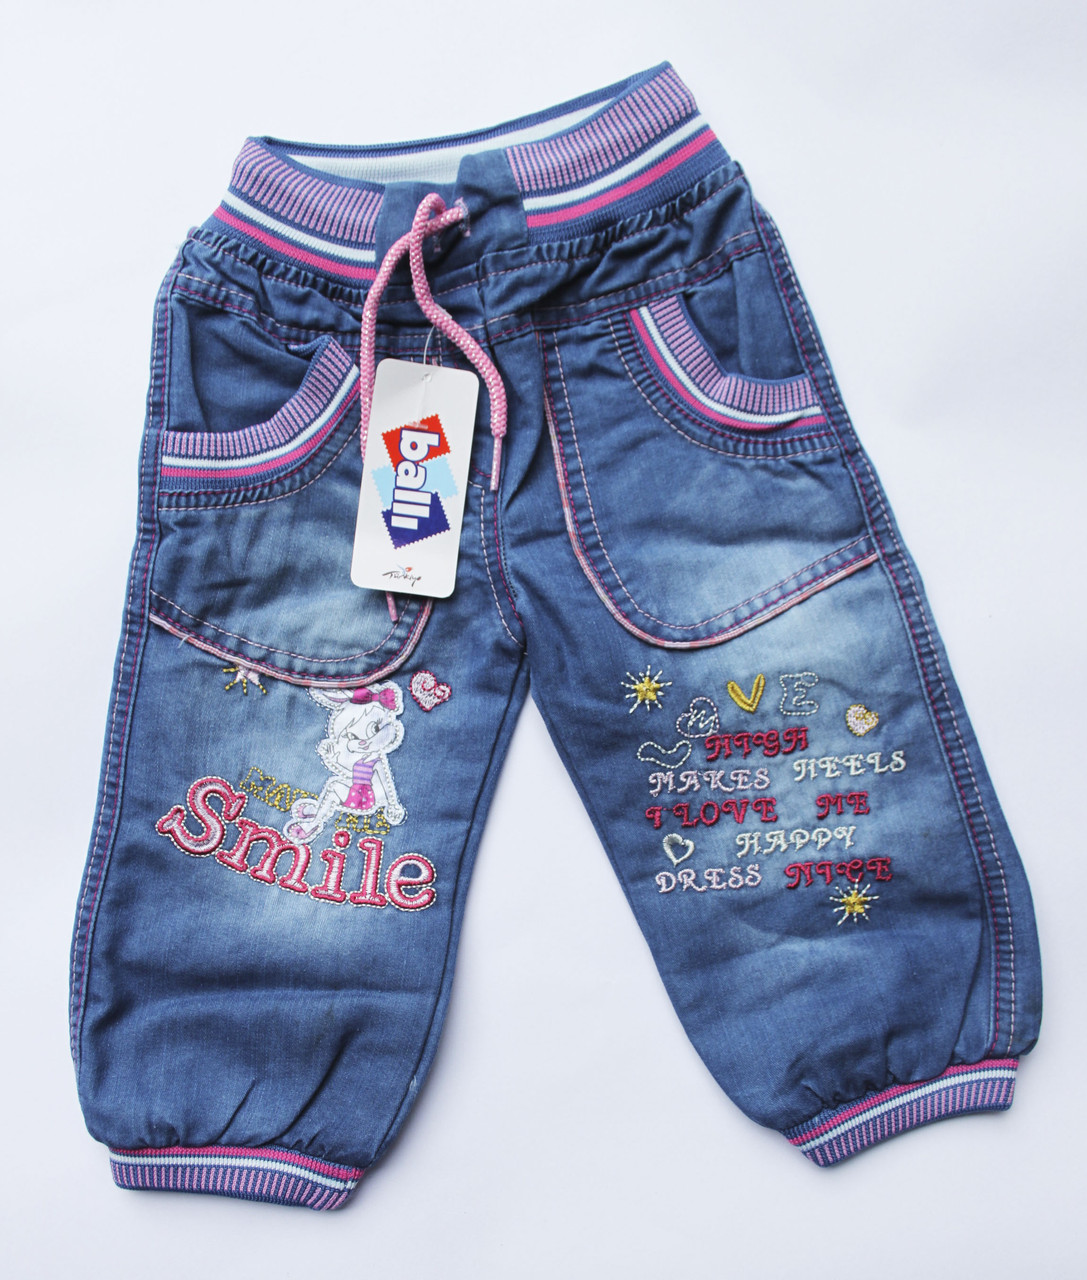 Купить джинсы для девочки